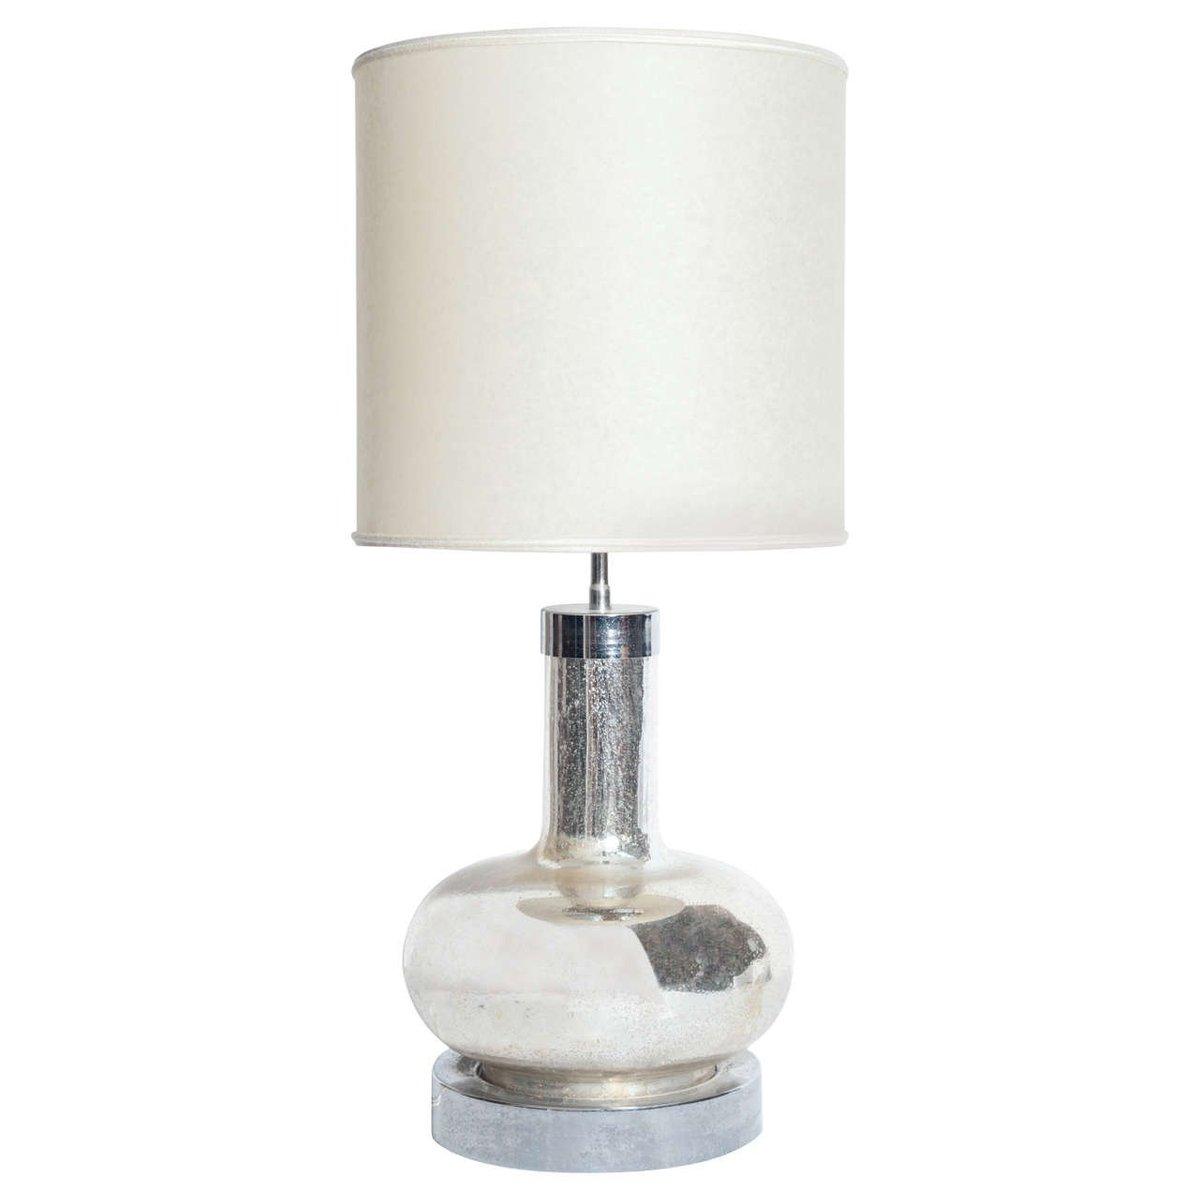 Vintage Tischlampe aus Silberglas & Chrom